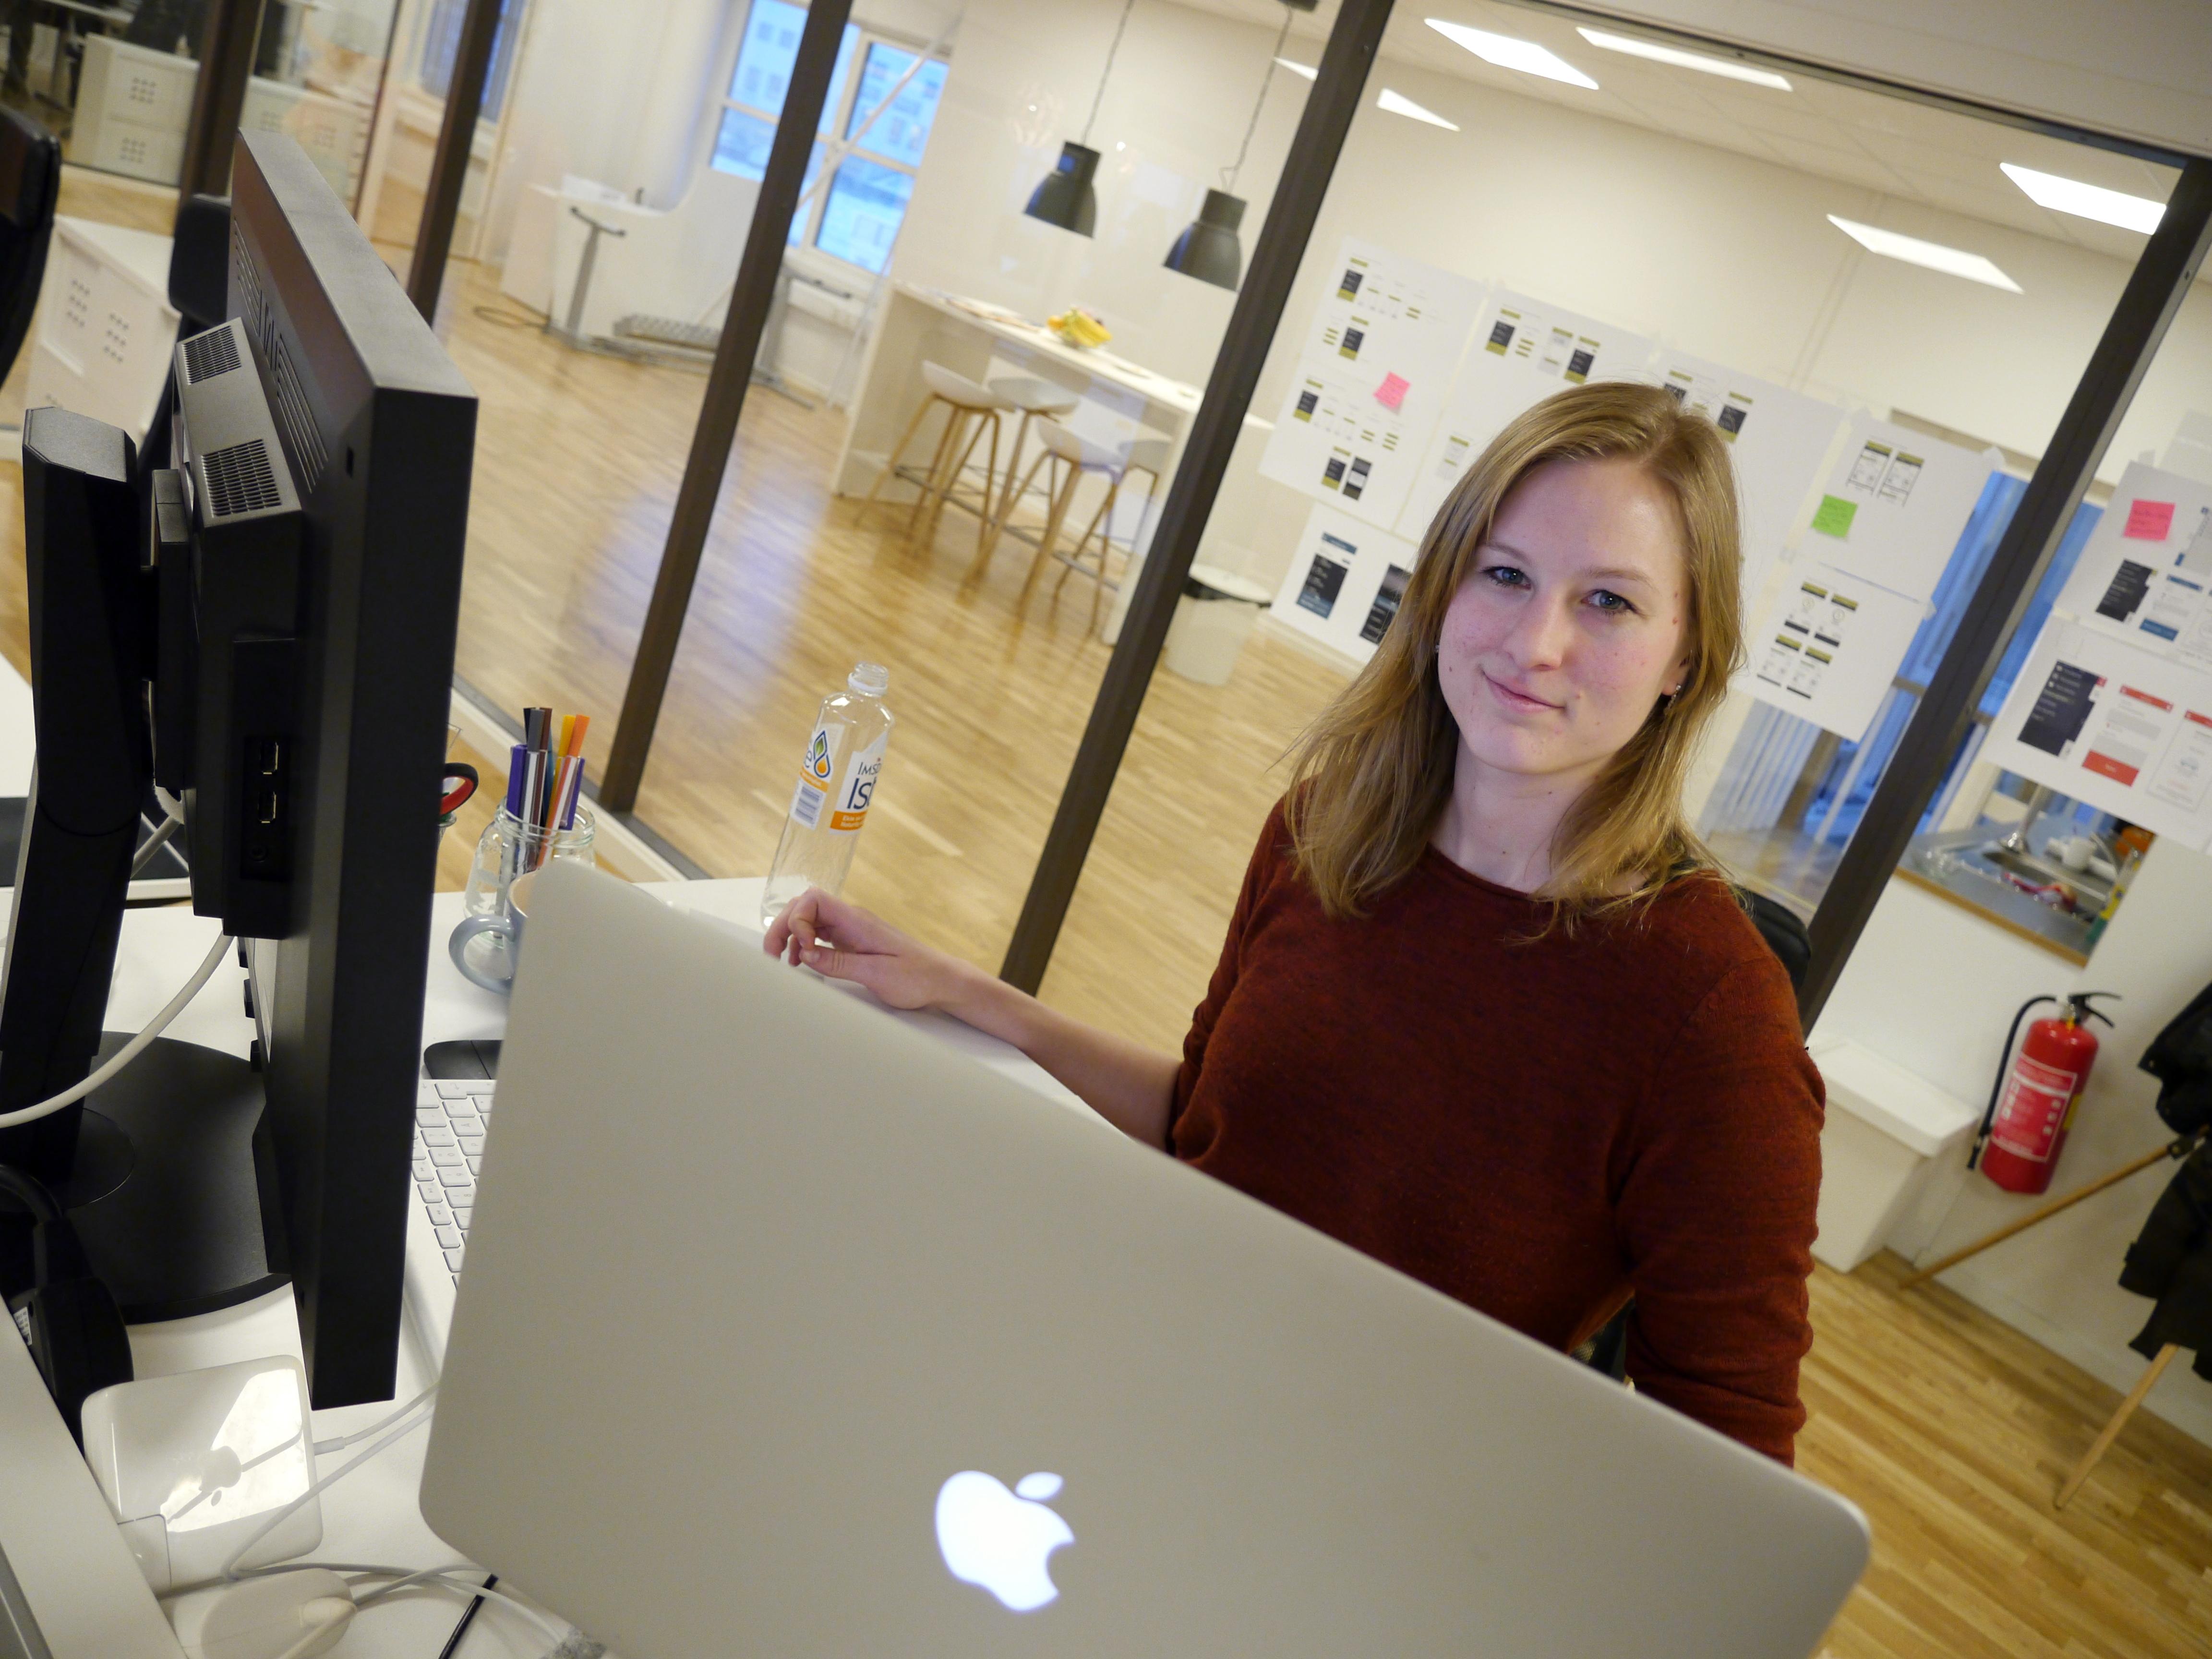 Blir aldri «bra nok». - Å øke funksjonalitet og brukervennlighet i appene, er en oppgave som aldri tar slutt, forklarer Stine Bechmann.